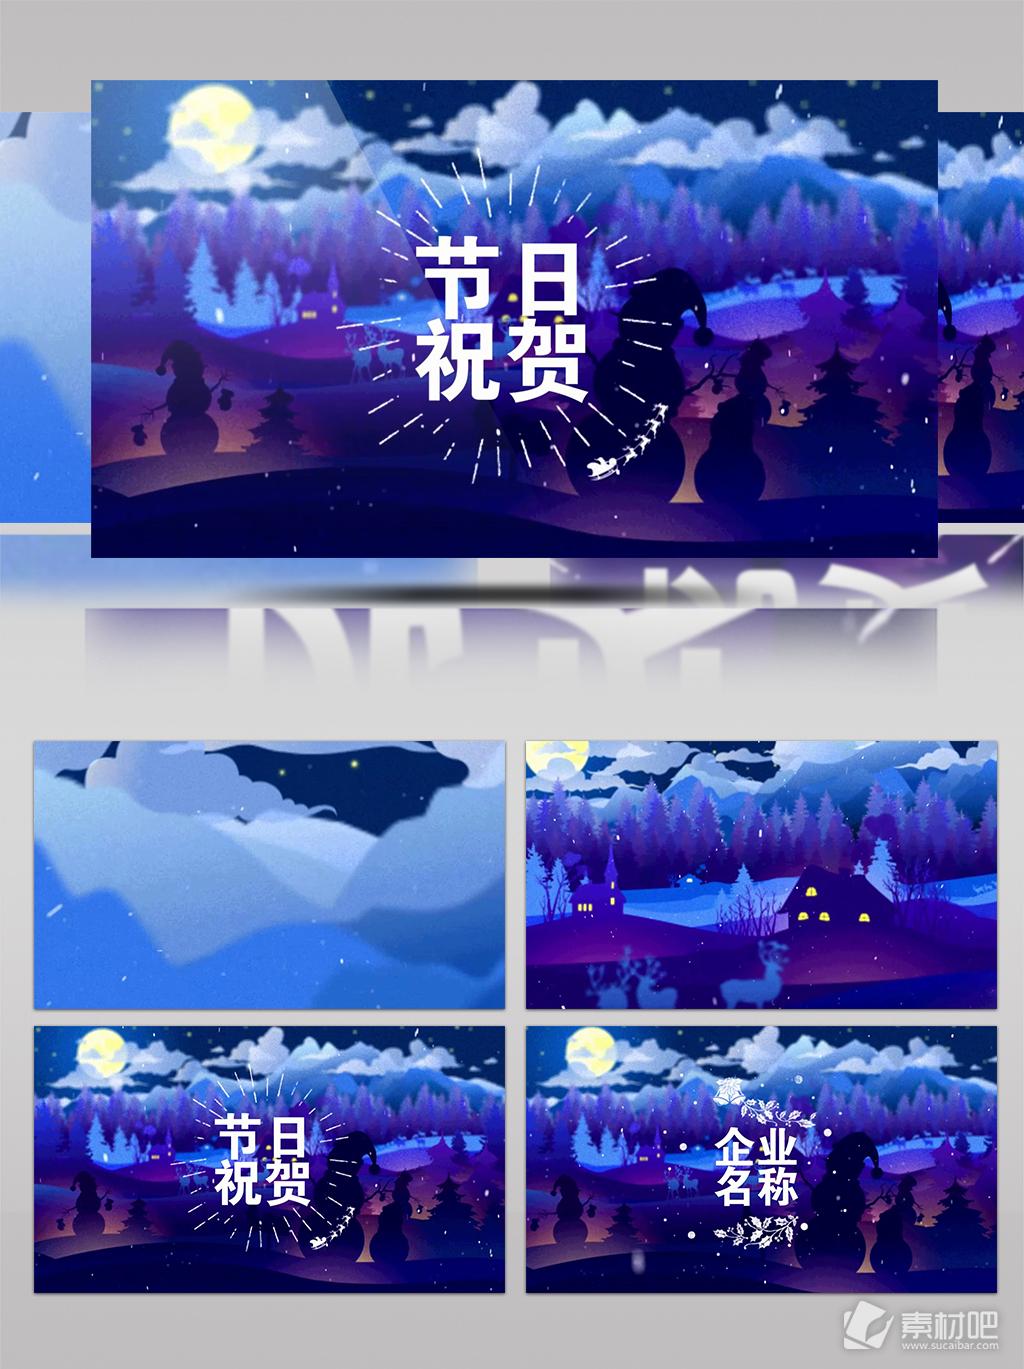 夜幕村镇背景节日祝贺主题宣传会声会影模板